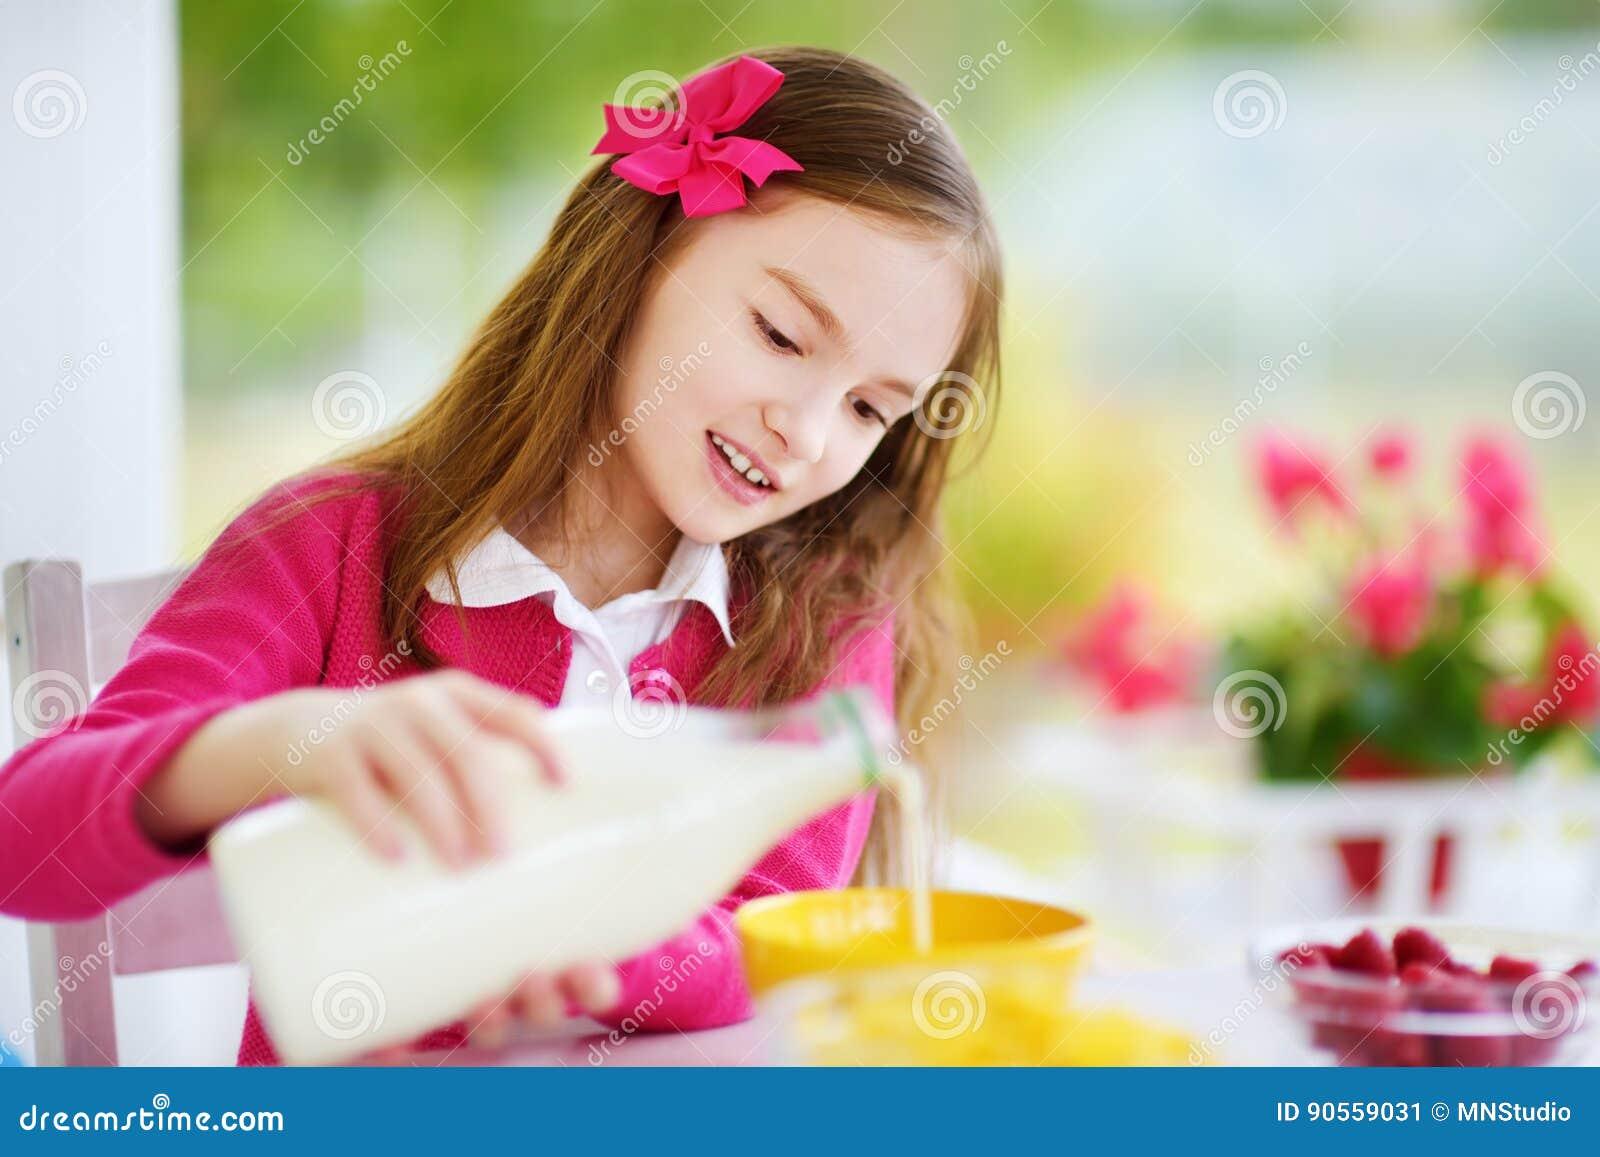 Leuk meisje die van haar ontbijt thuis genieten Mooi kind cornflakes en frambozen eten en consumptiemelk die voor school